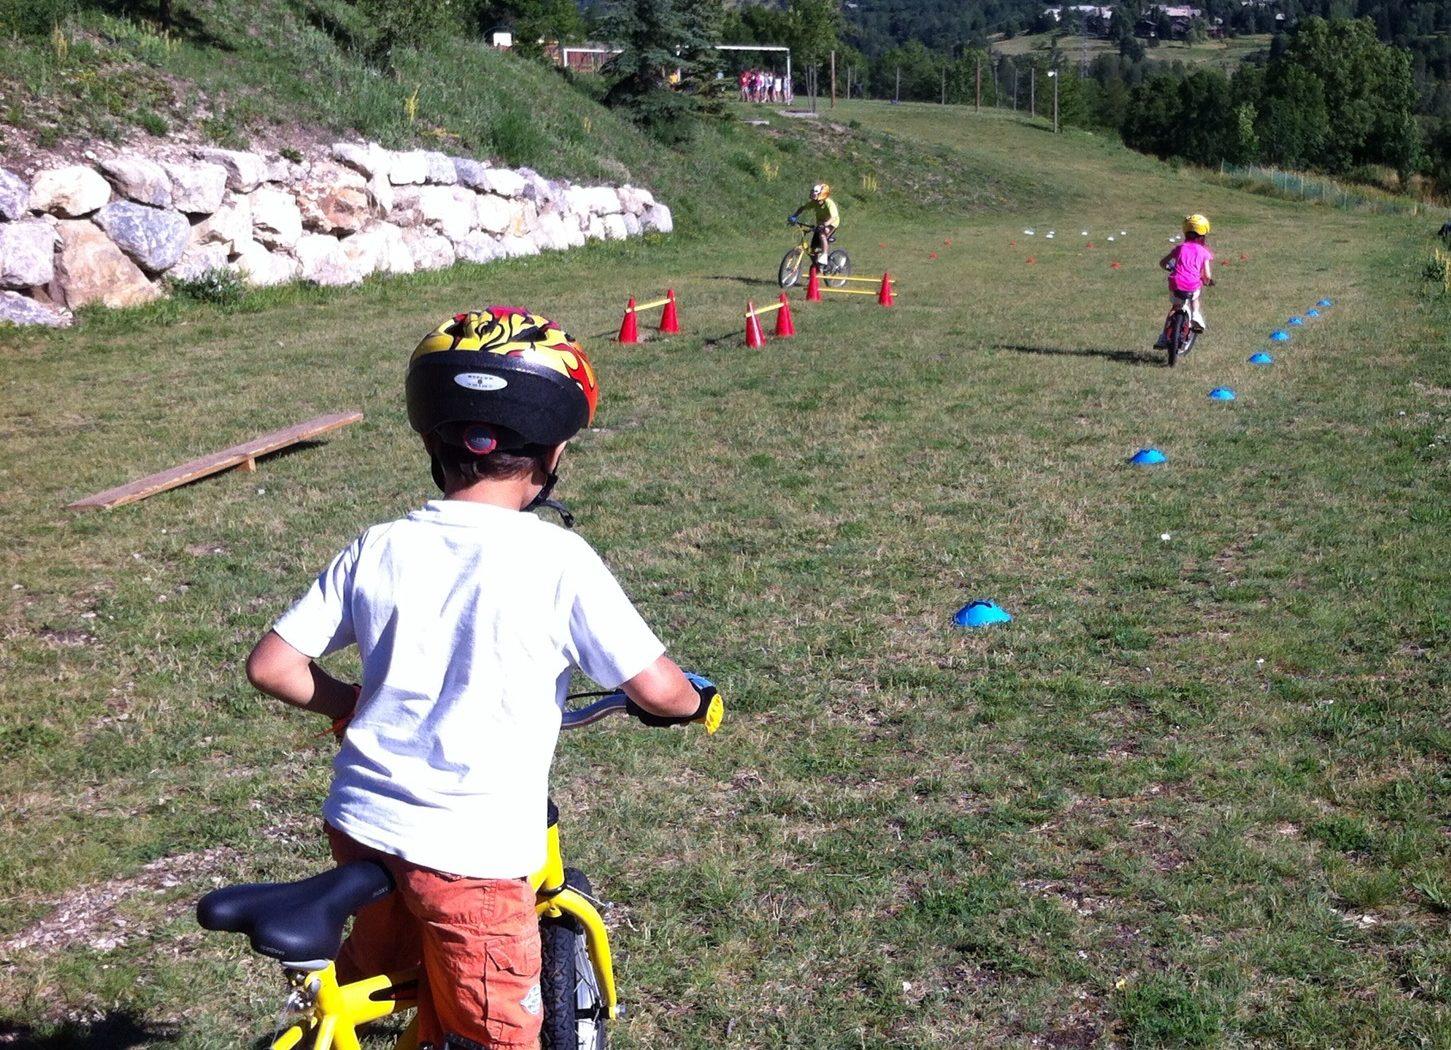 A partir de 6 ans, les enfants en vacances à Serre chevalier peuvent être initiés au VTT. L'école de VTT du bureau des guides de Serre Chevalier propose des leçons particulières pour toutes les catégories d'âges.